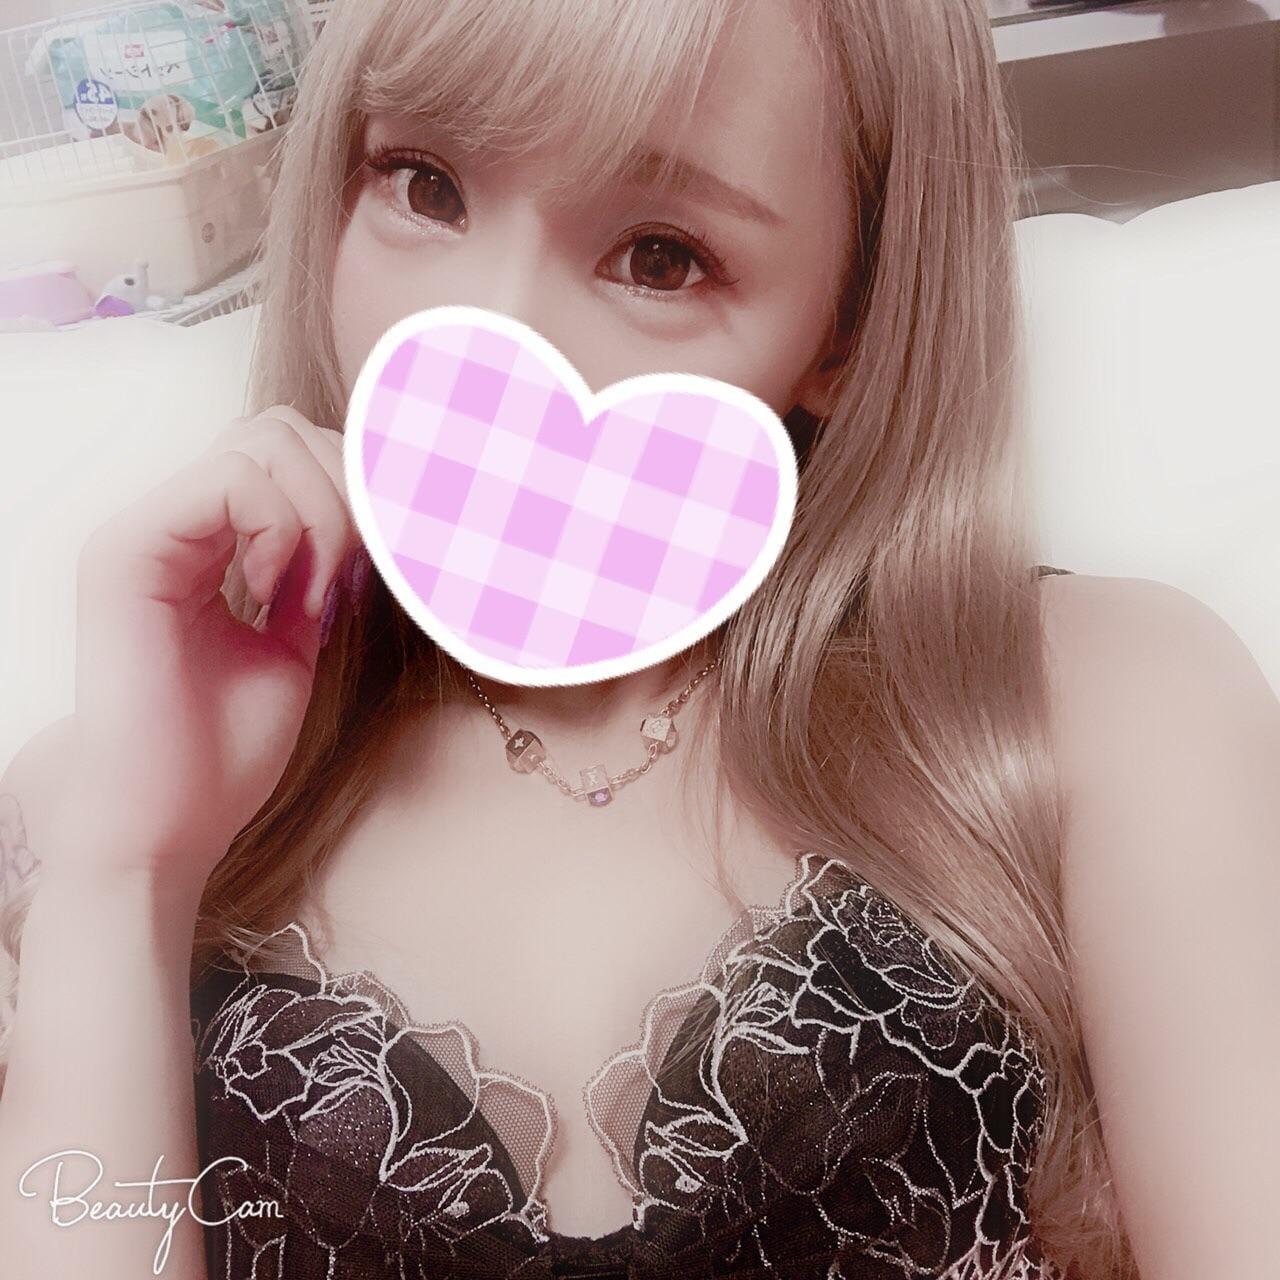 「出勤♪」09/21(金) 20:24 | ERIKAの写メ・風俗動画